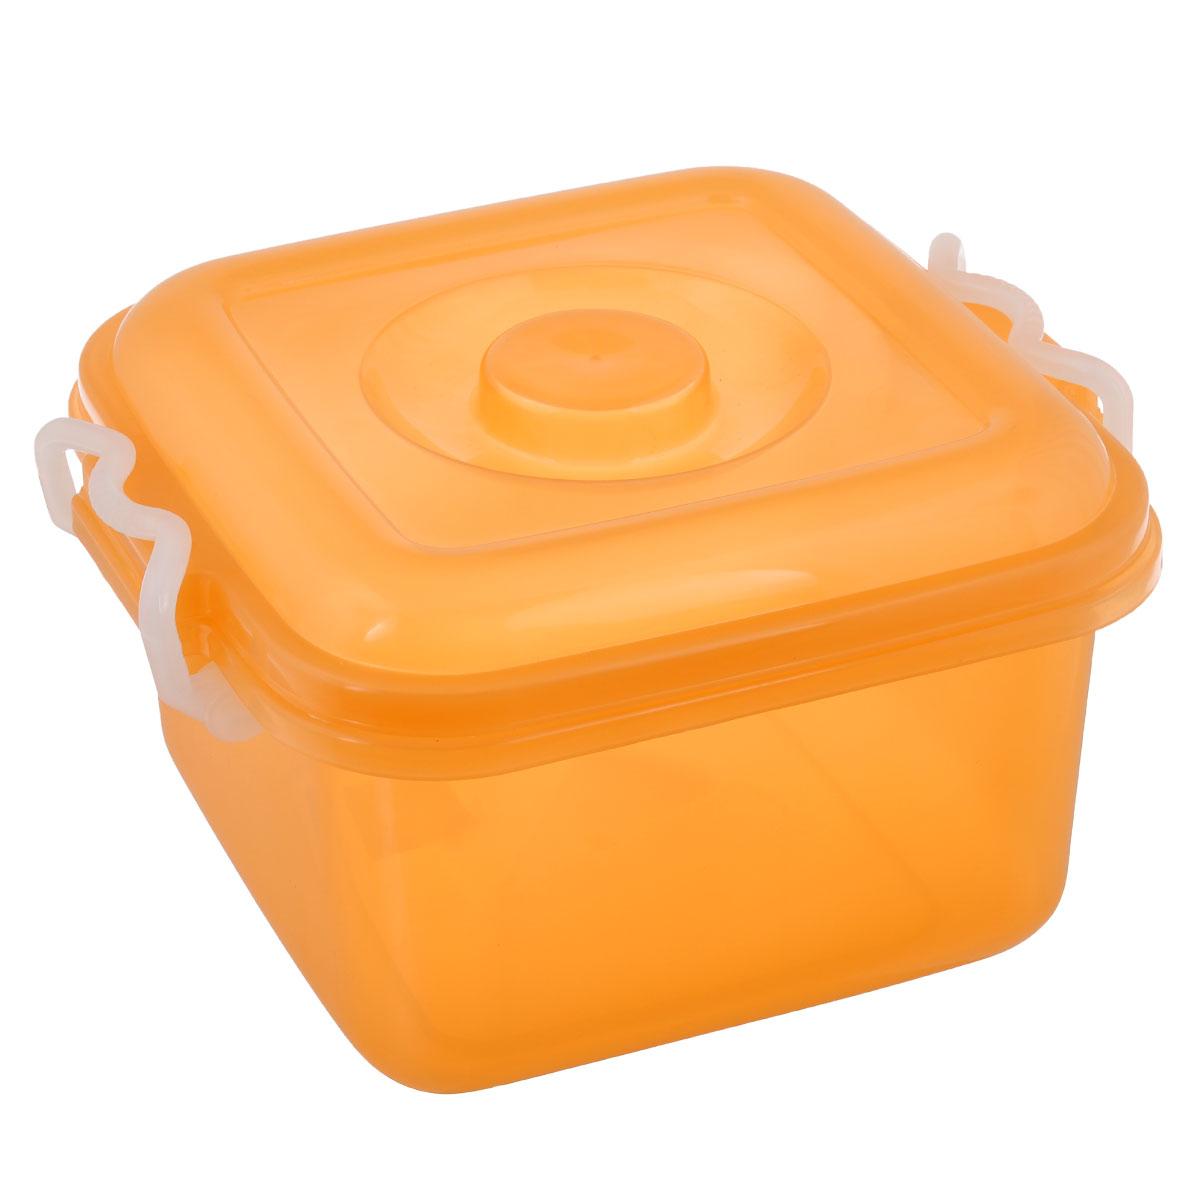 Контейнер для хранения Idea Океаник, цвет: оранжевый, 6 лRG-D31SКонтейнер Idea Океаник выполнен из пищевого пластика, предназначен для хранения различных вещей.Контейнер снабжен эргономичной плотно закрывающейся крышкой со специальными боковыми фиксаторами. Объем контейнера: 6 л.